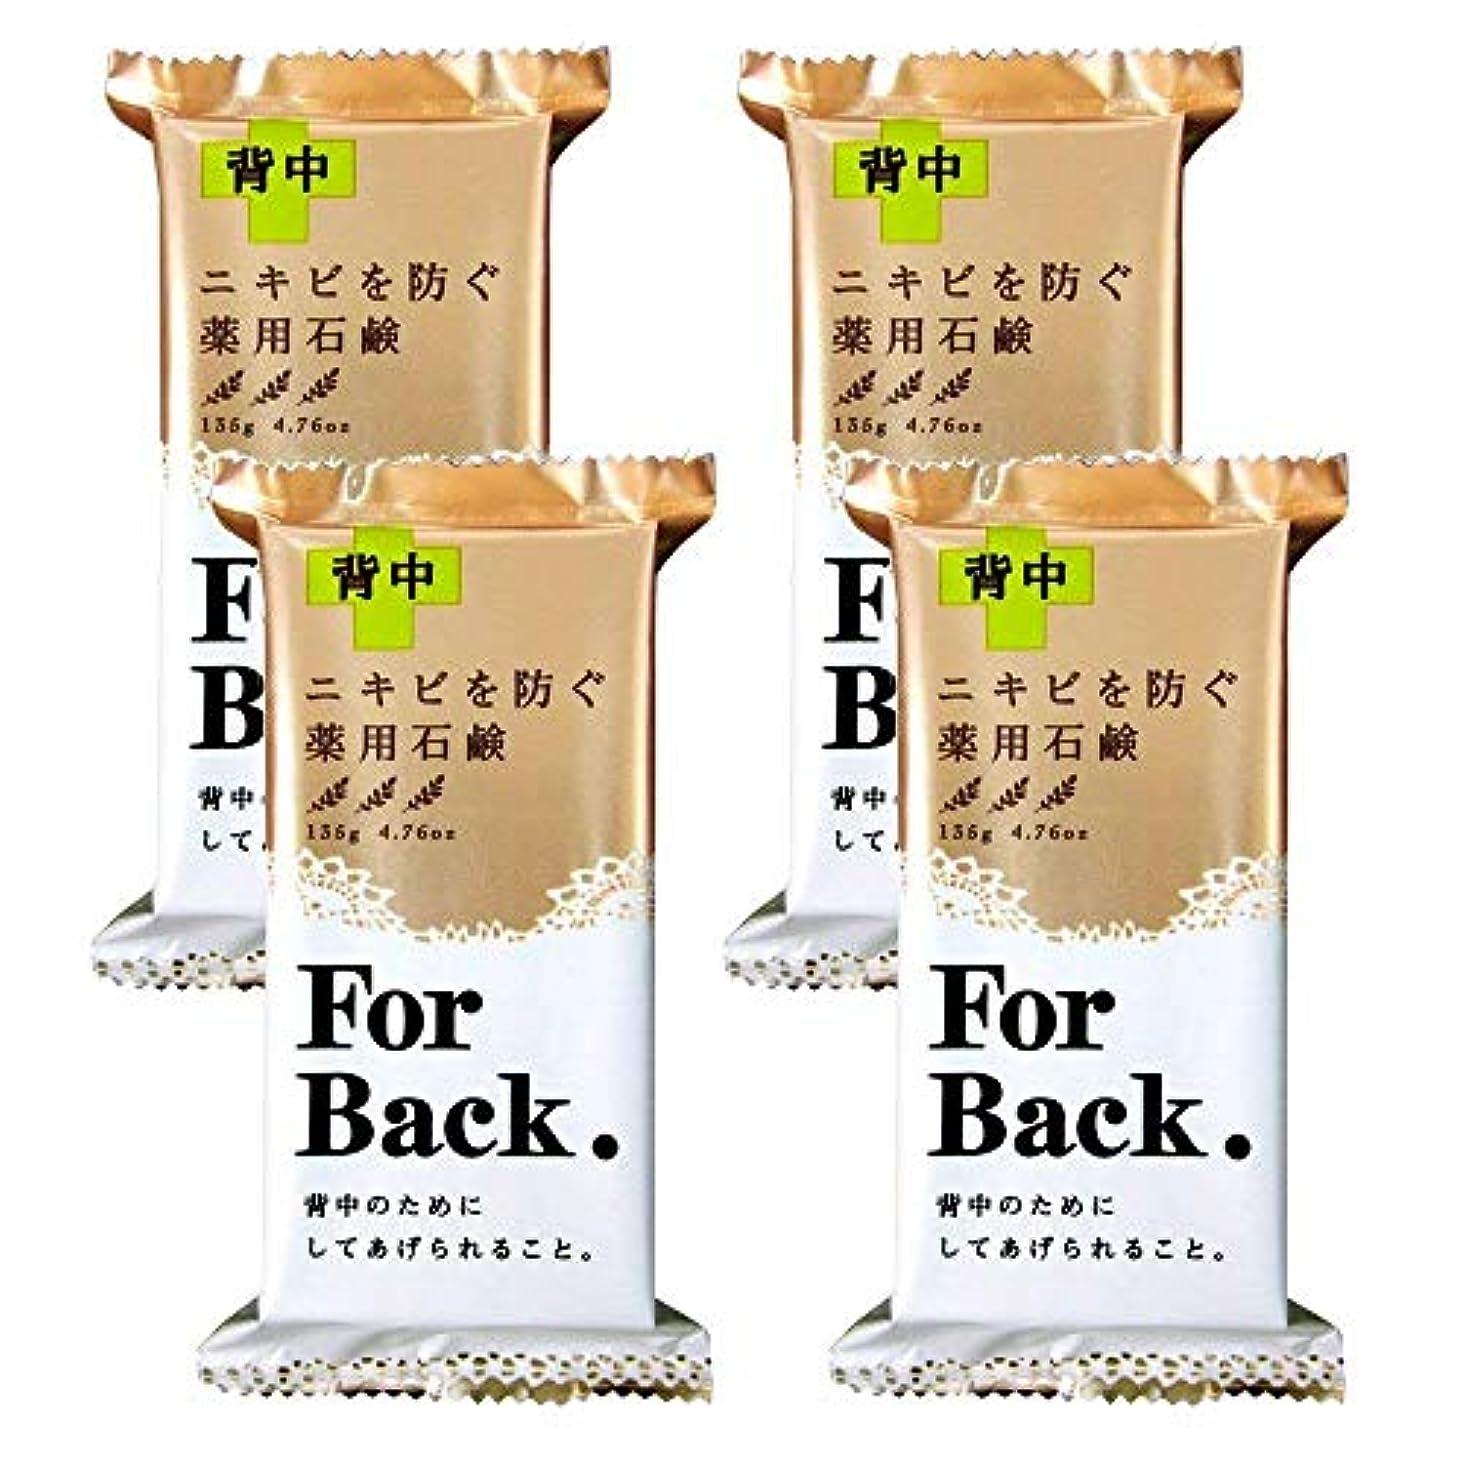 メジャー野望アジア薬用石鹸 ForBack 135g×4個セット